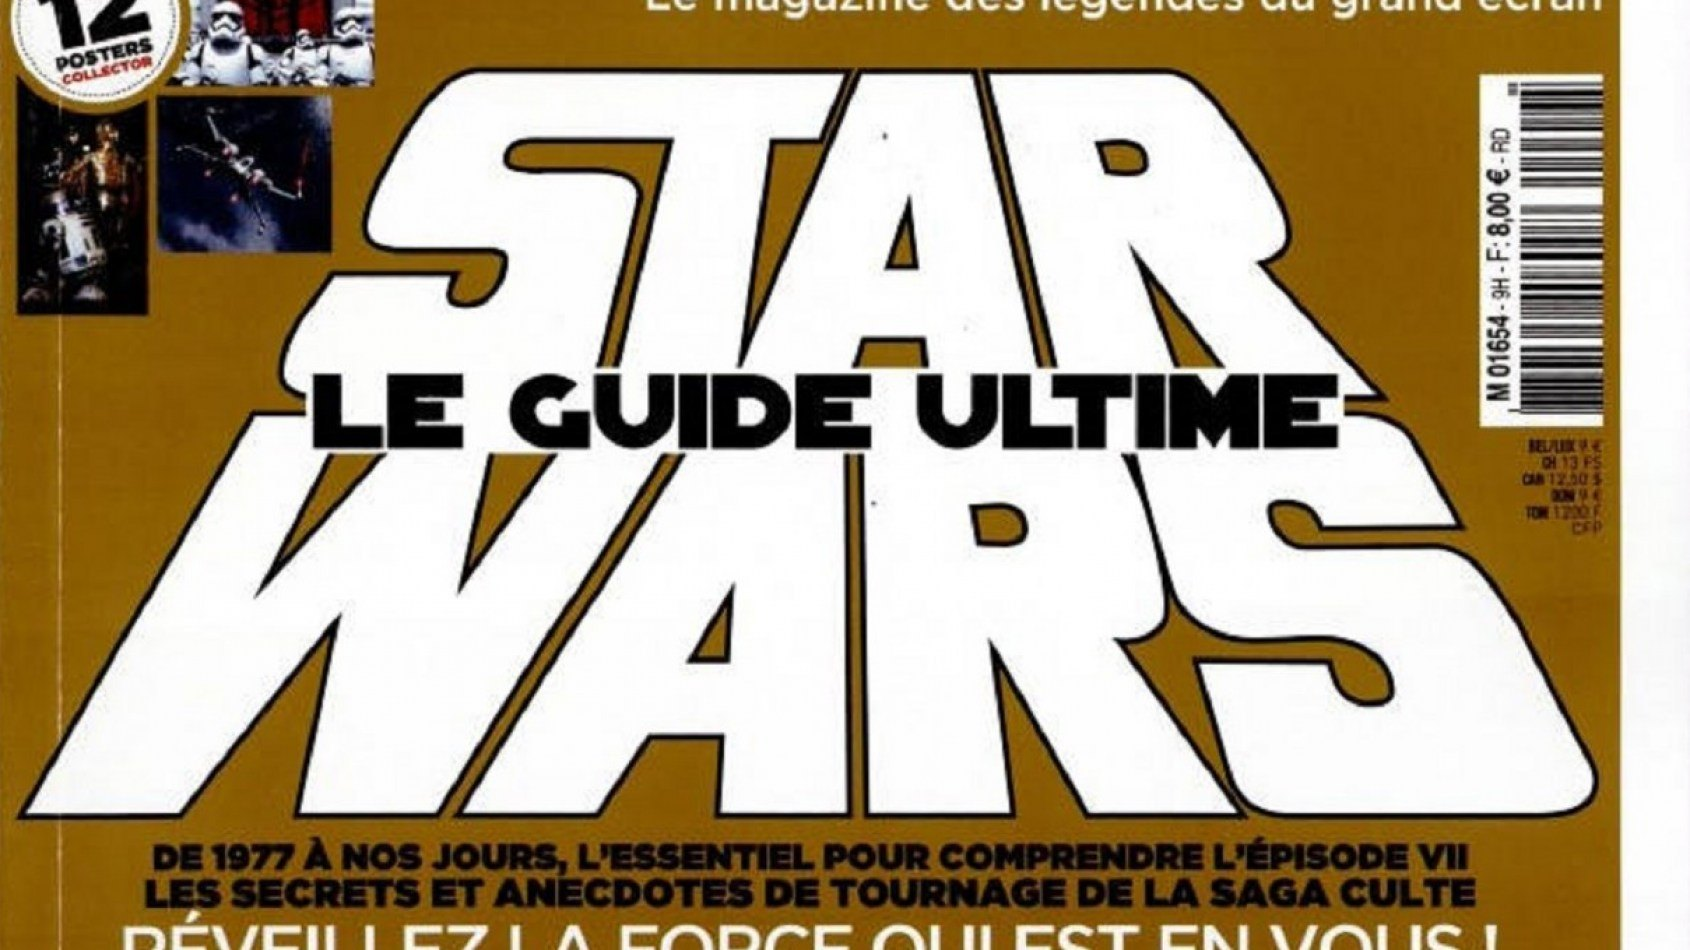 Un nouveau numéro de Ciné Saga consacré à Star Wars